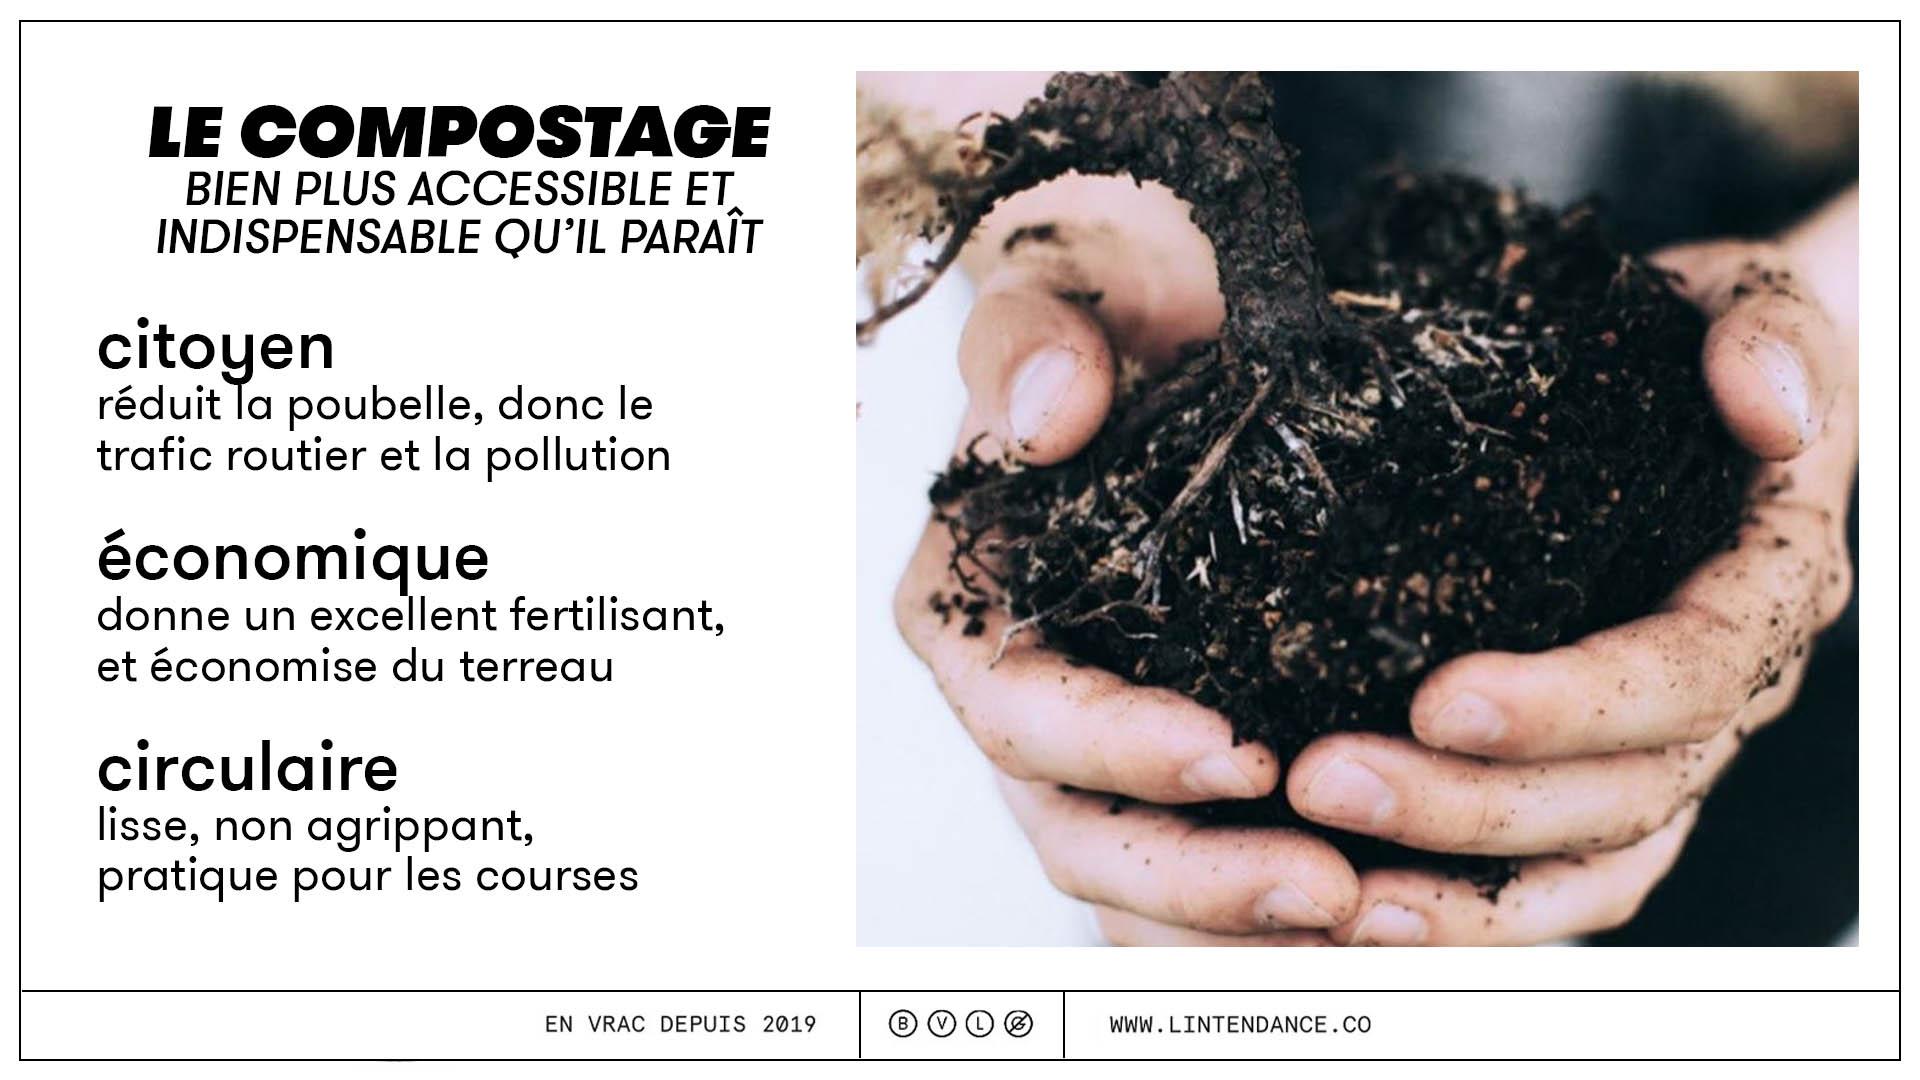 A quoi sert le compostage ? Pourquoi composter ?